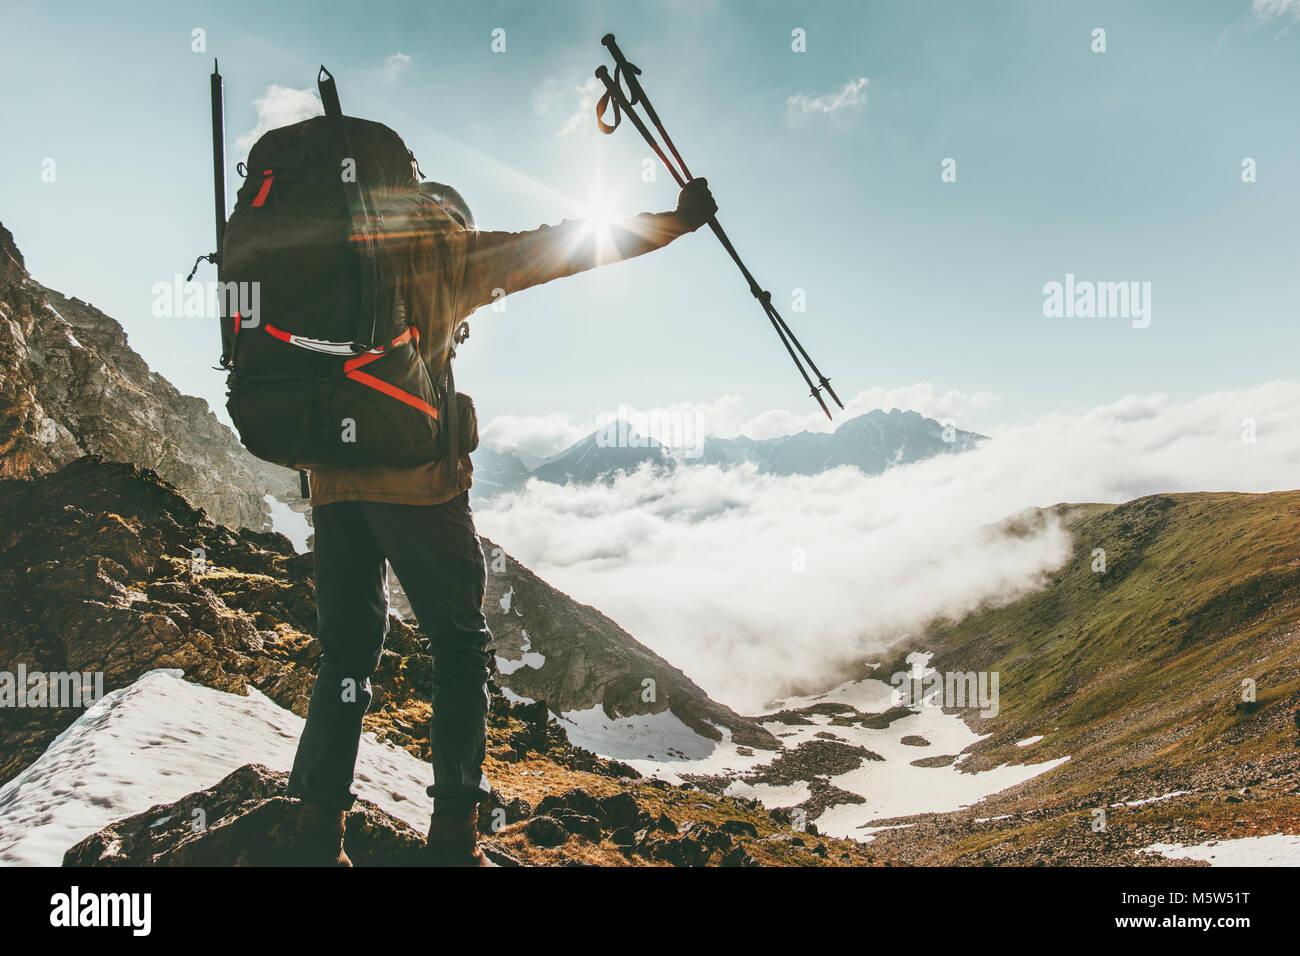 Backpacker uomo sul vertice della montagna corsa stile di vita di successo il concetto di sopravvivenza avventura Immagini Stock